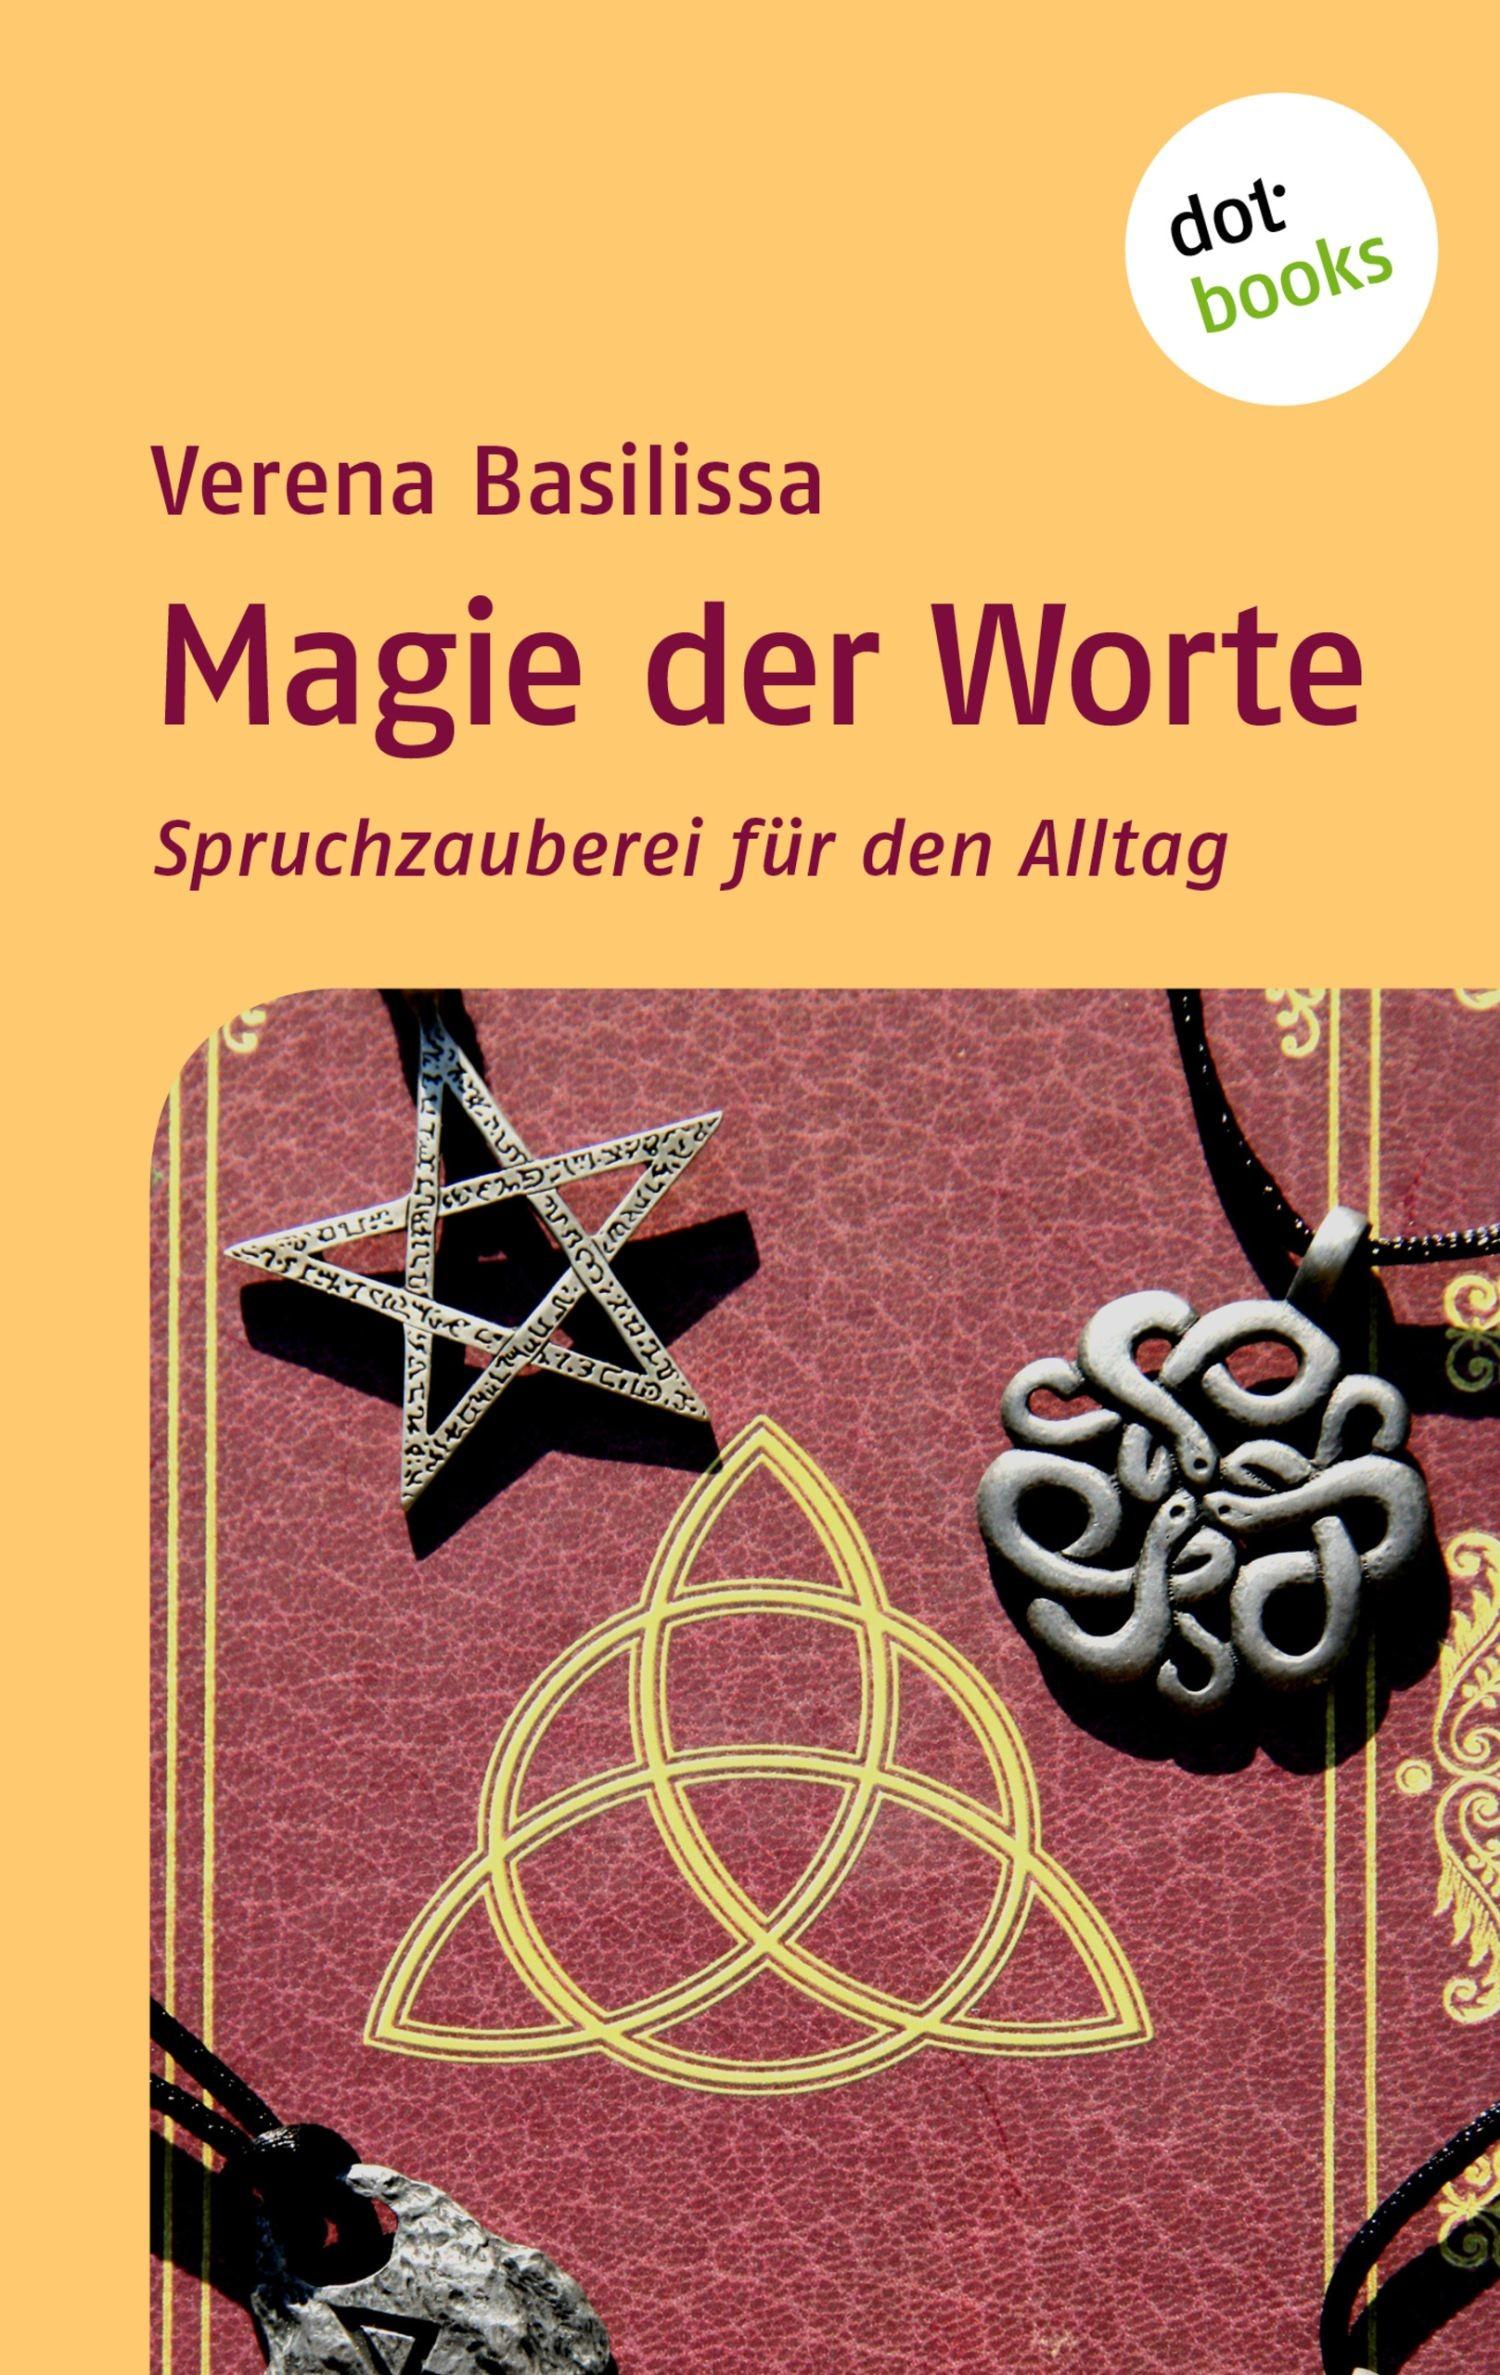 Magie der Worte - ePUB eBook kaufen | Ebooks Esoterik